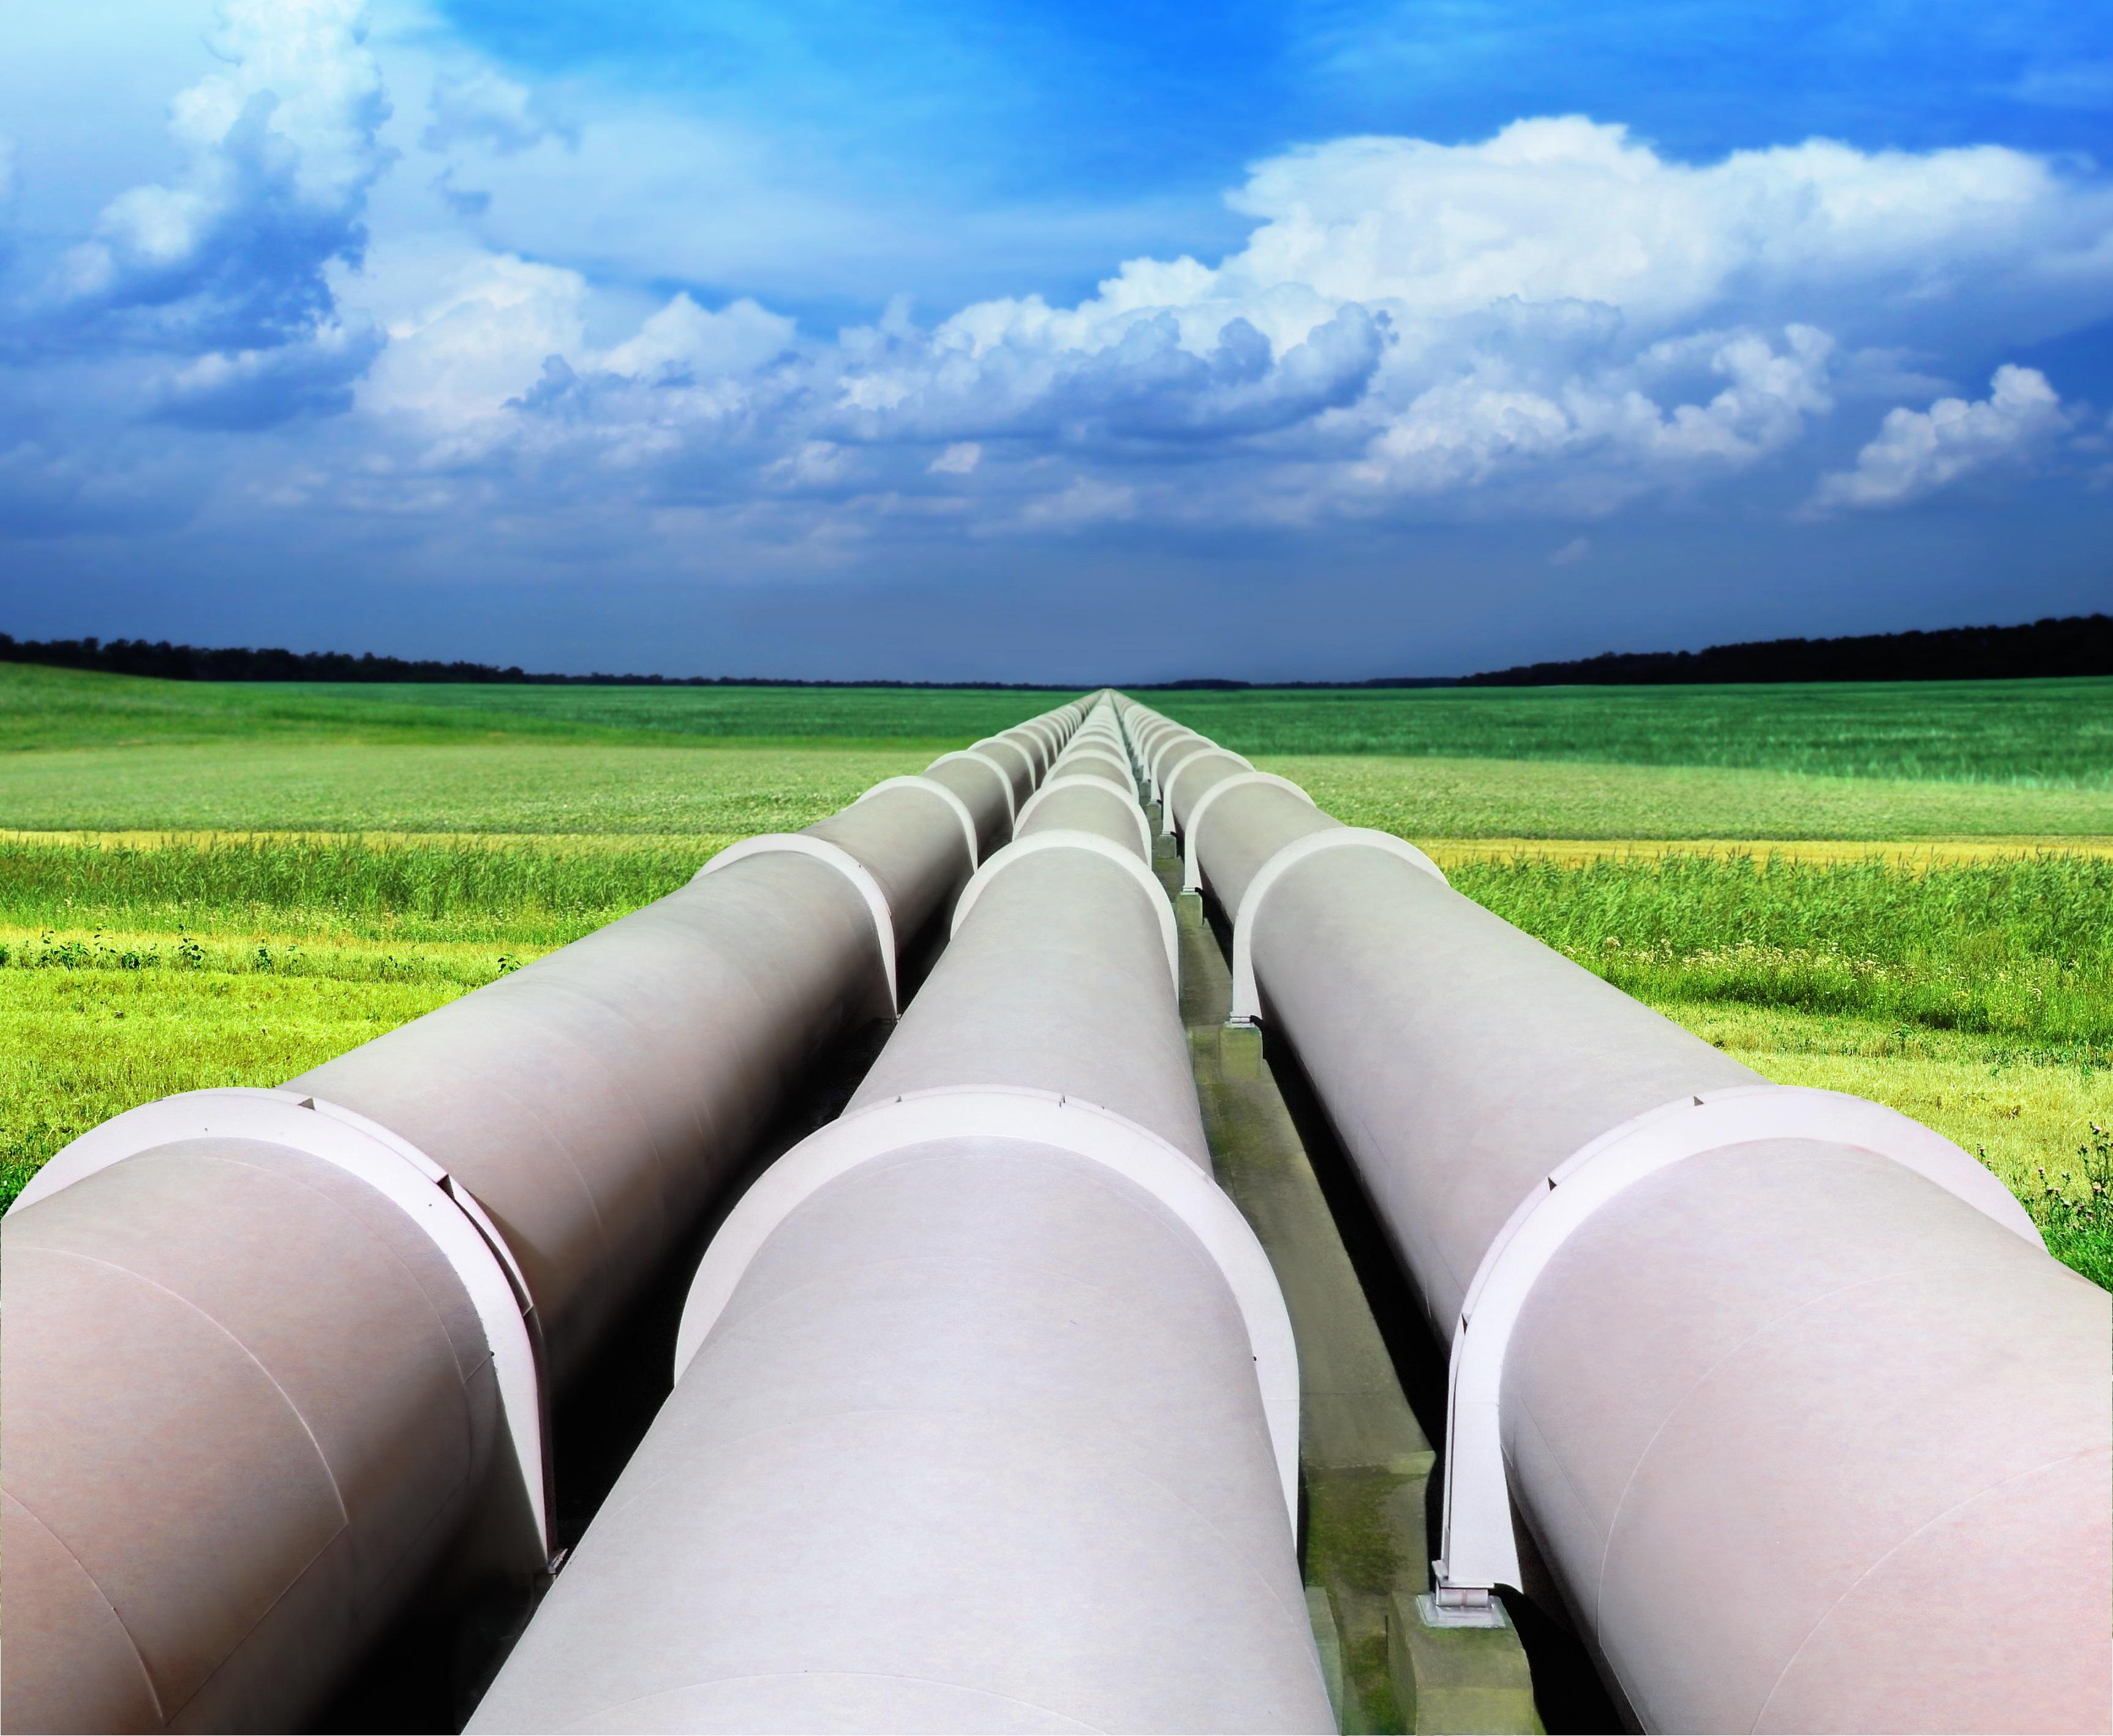 natural gas pipelines 2.jpg